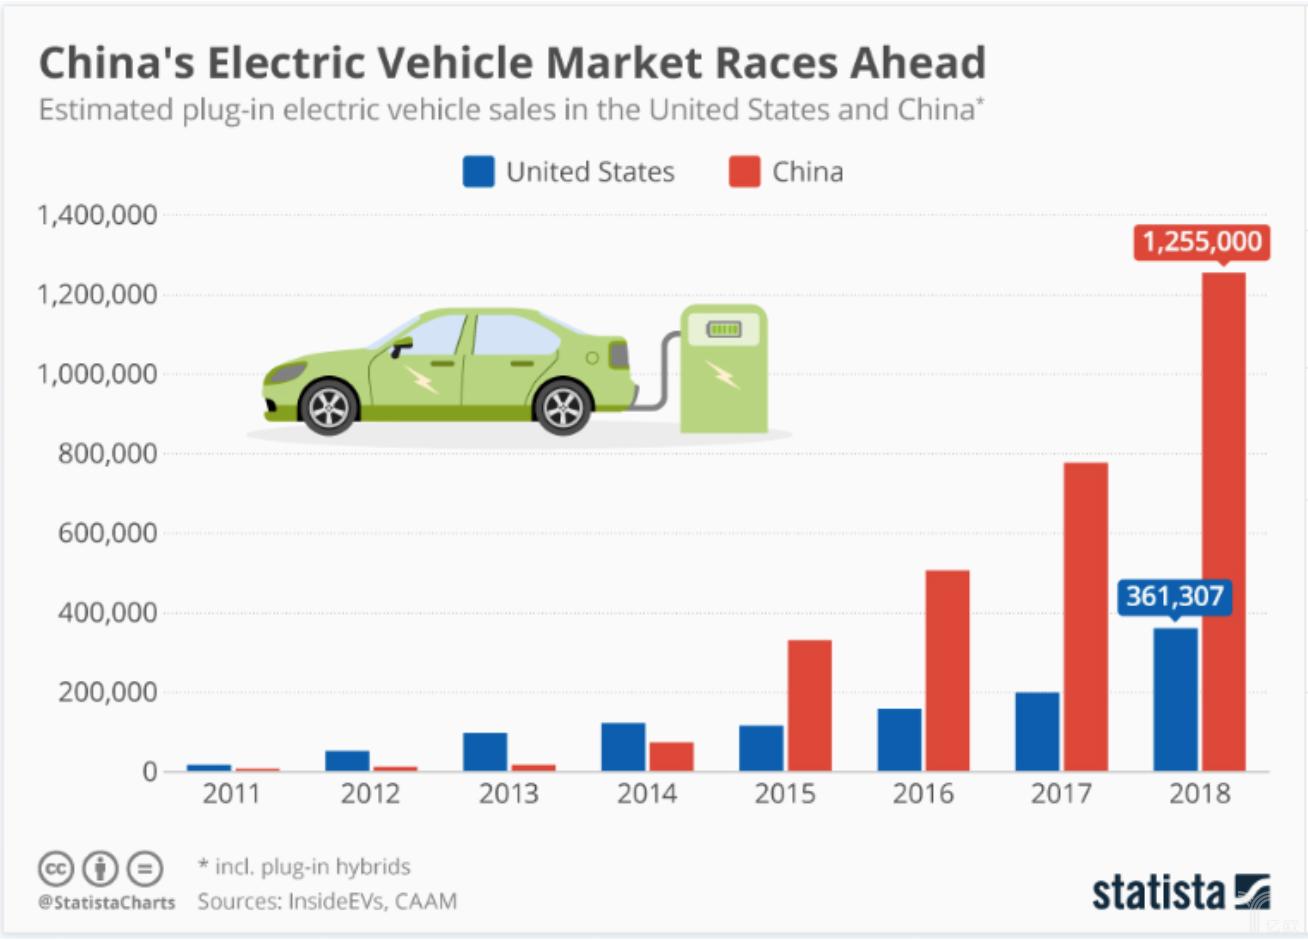 潜力市场与政府企业推波助澜,中国将成为